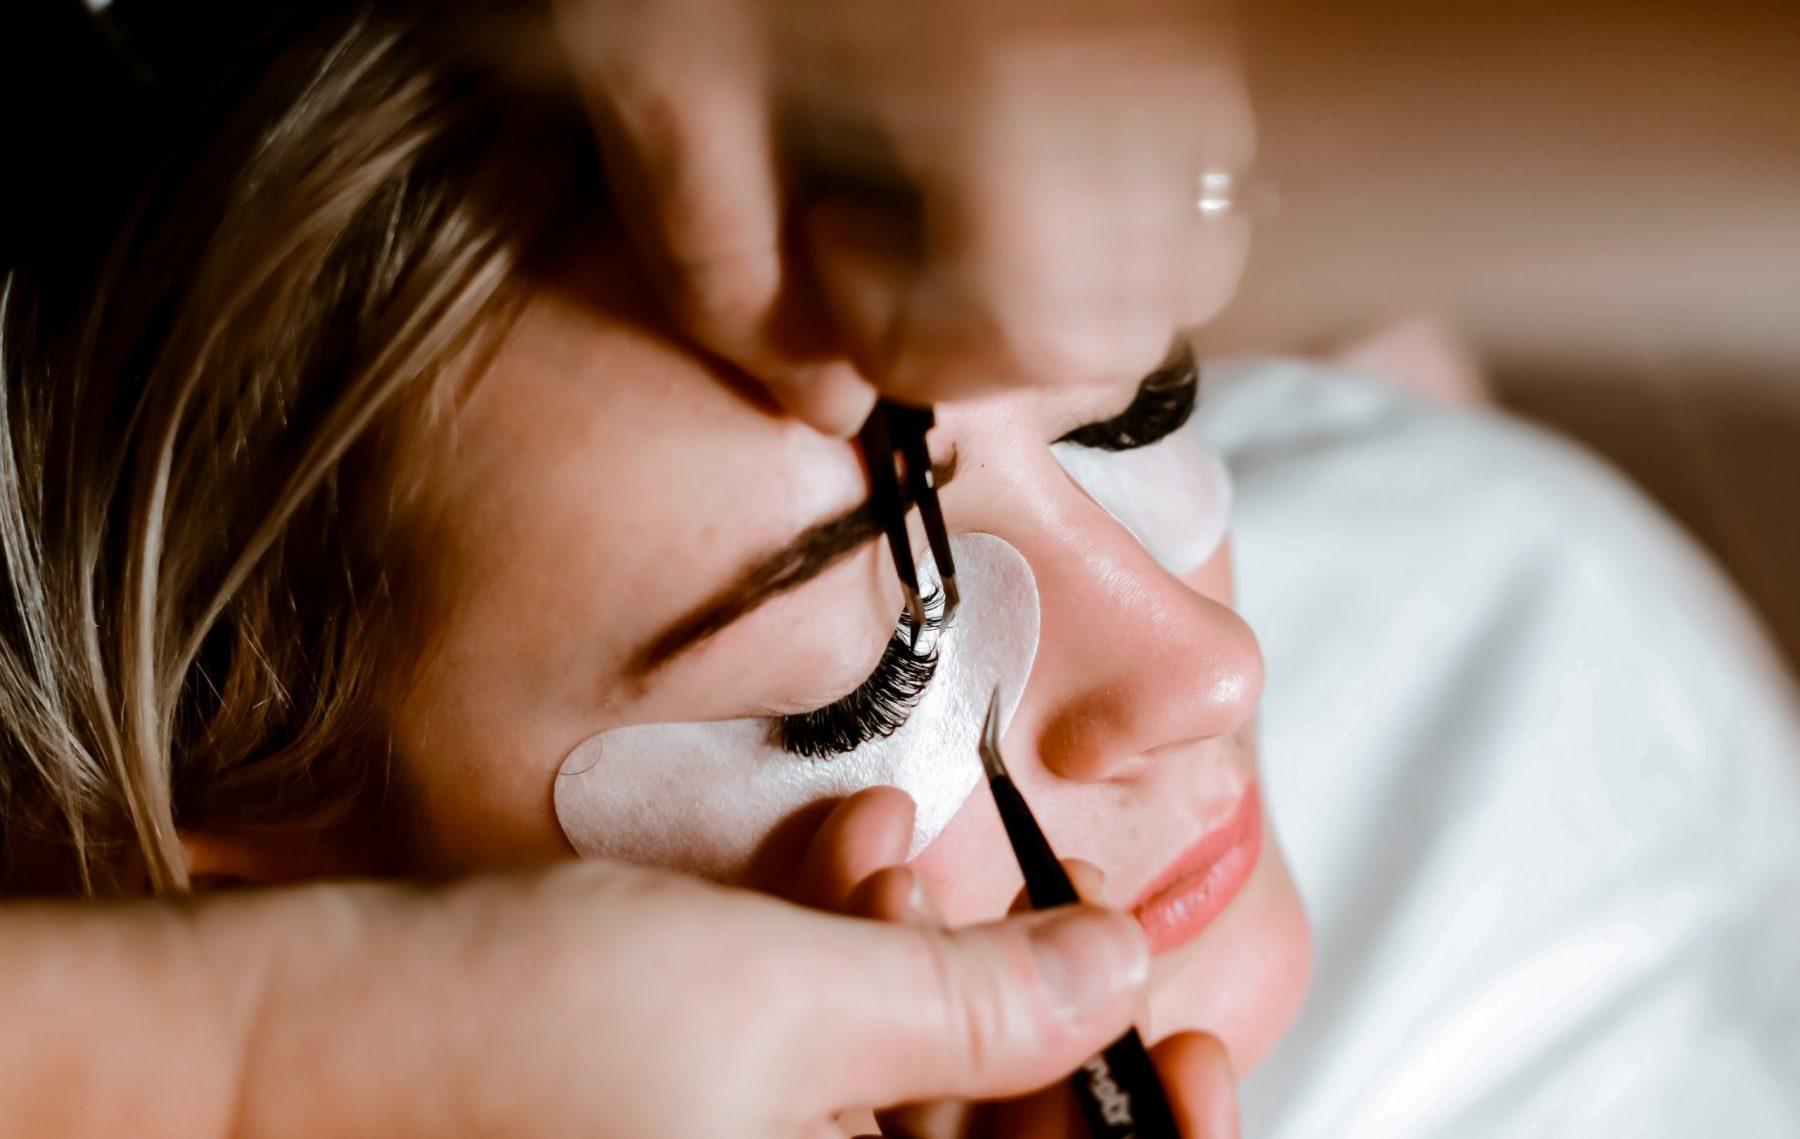 Eyelash extensions: Δοκιμάστε την προσθετική βλεφαρίδων για μόνιμα εντυπωσιακό βλέμμα